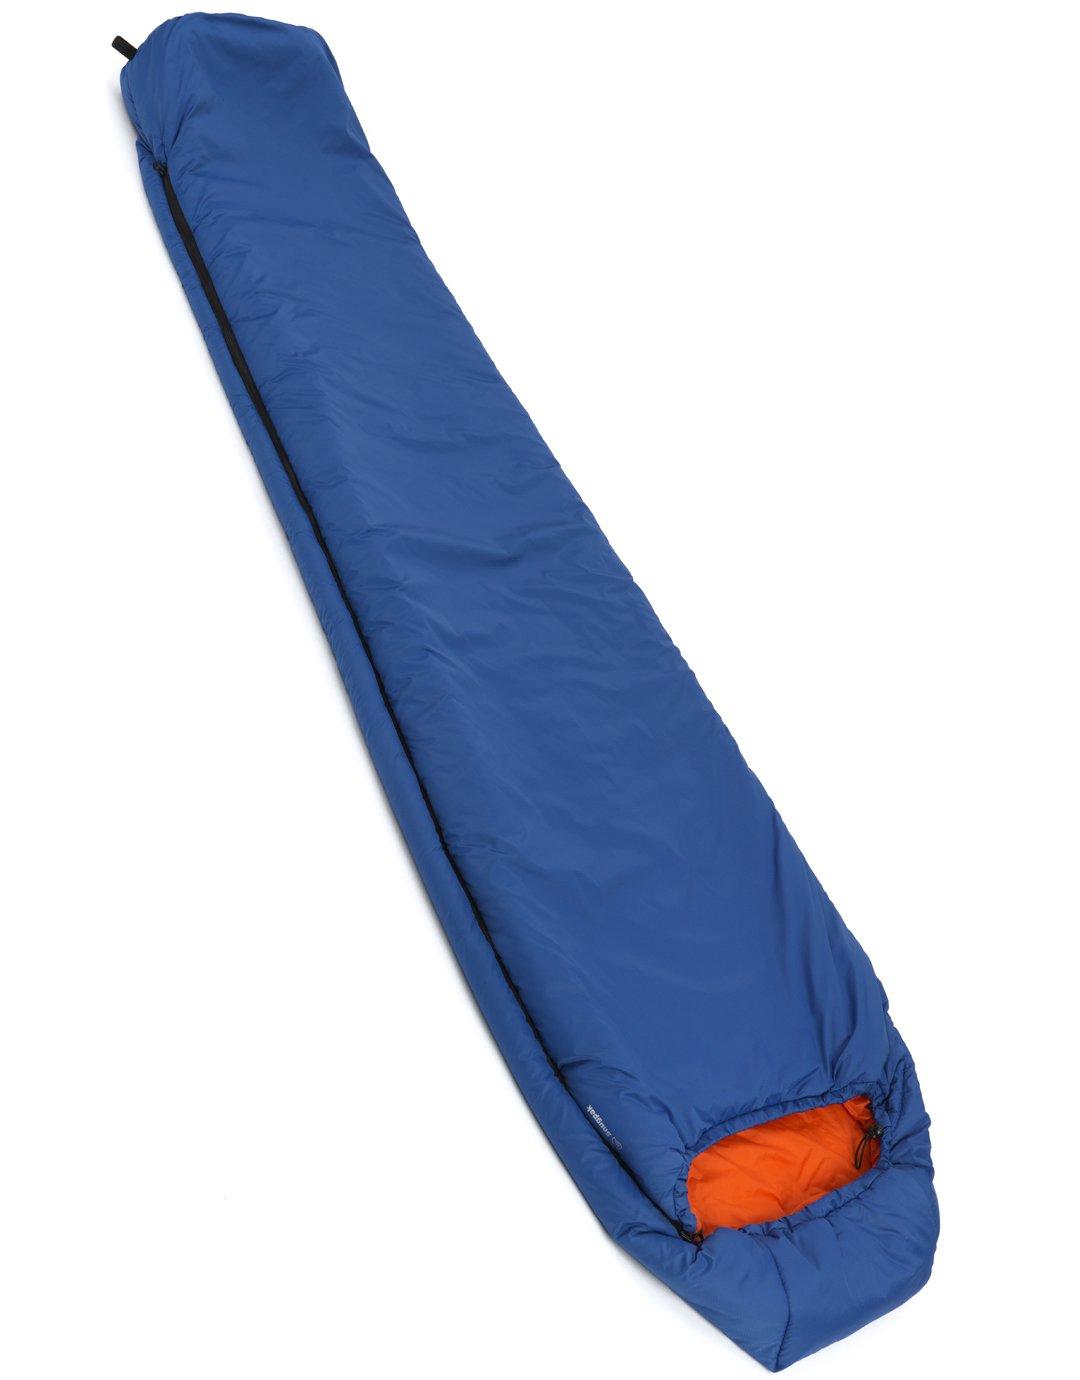 Softie - 6 Kestrel - Saco de dormir (Extra largo: Amazon.es: Deportes y aire libre